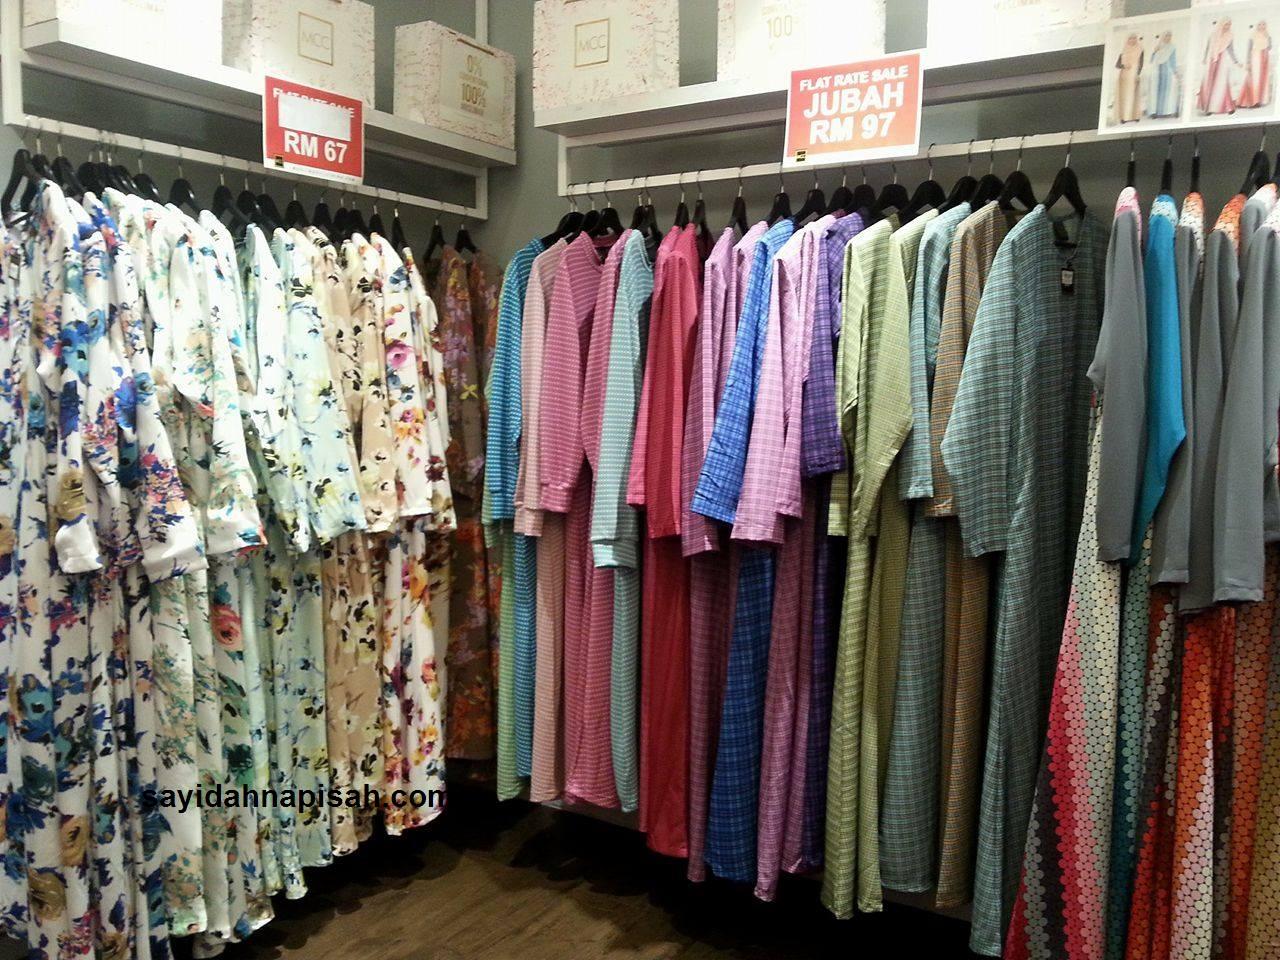 jubah butik muslimah clothing